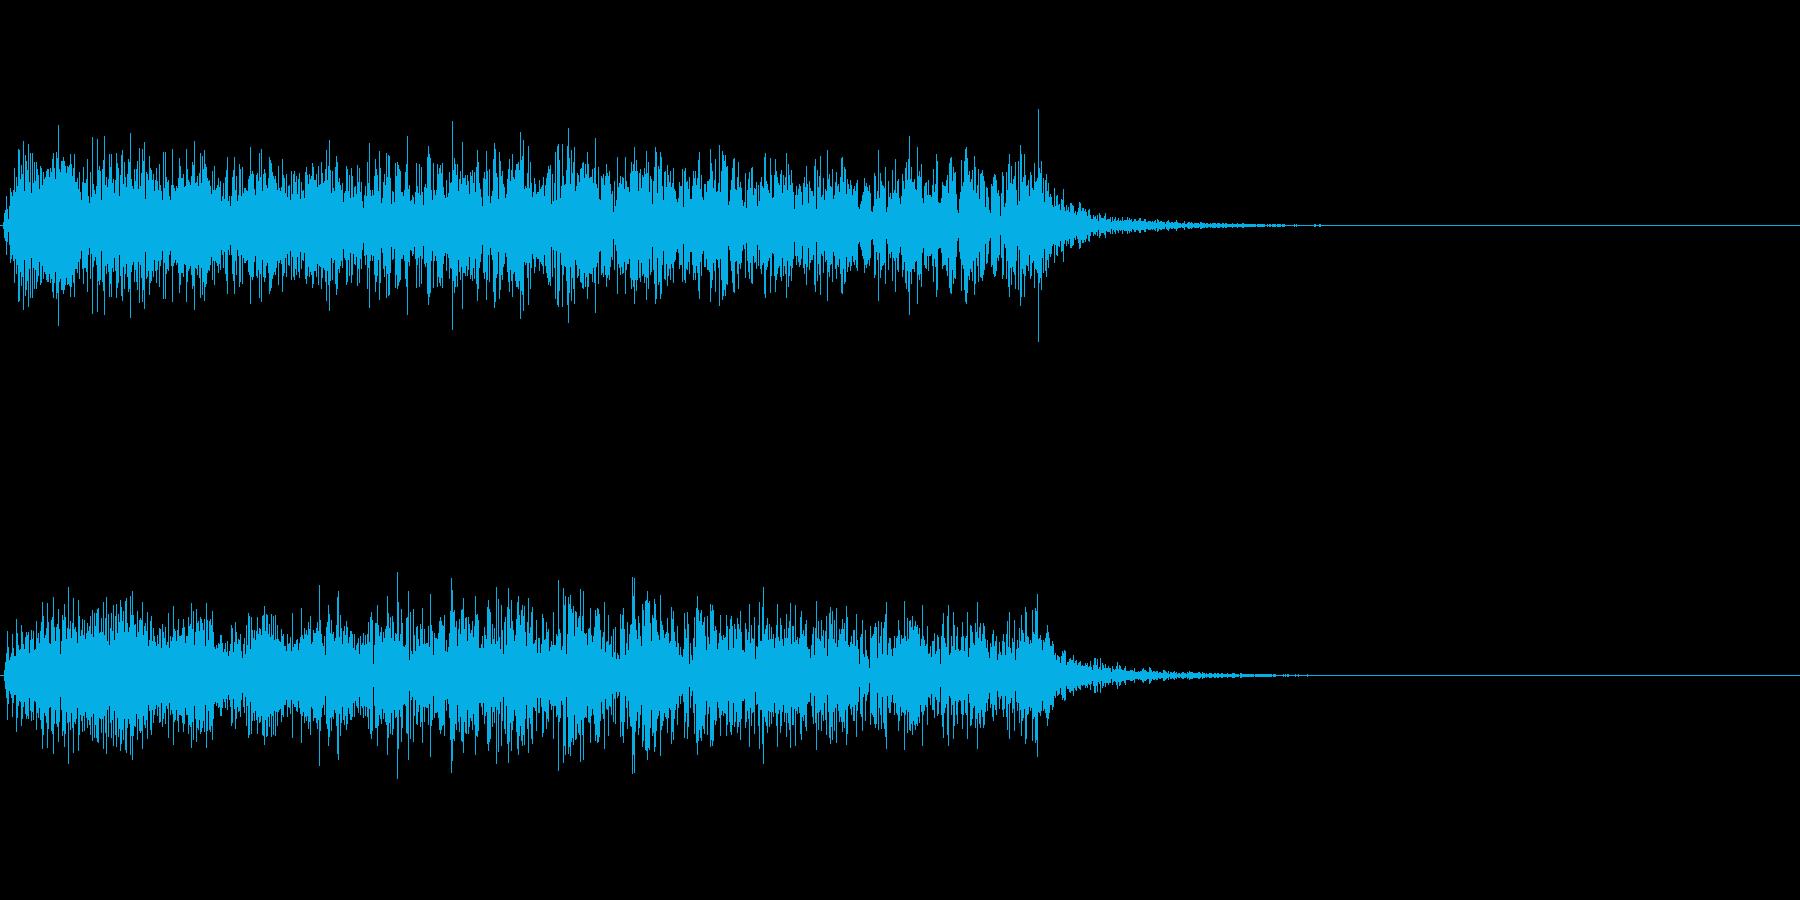 ロボットが壊れて停止するときの音 3の再生済みの波形